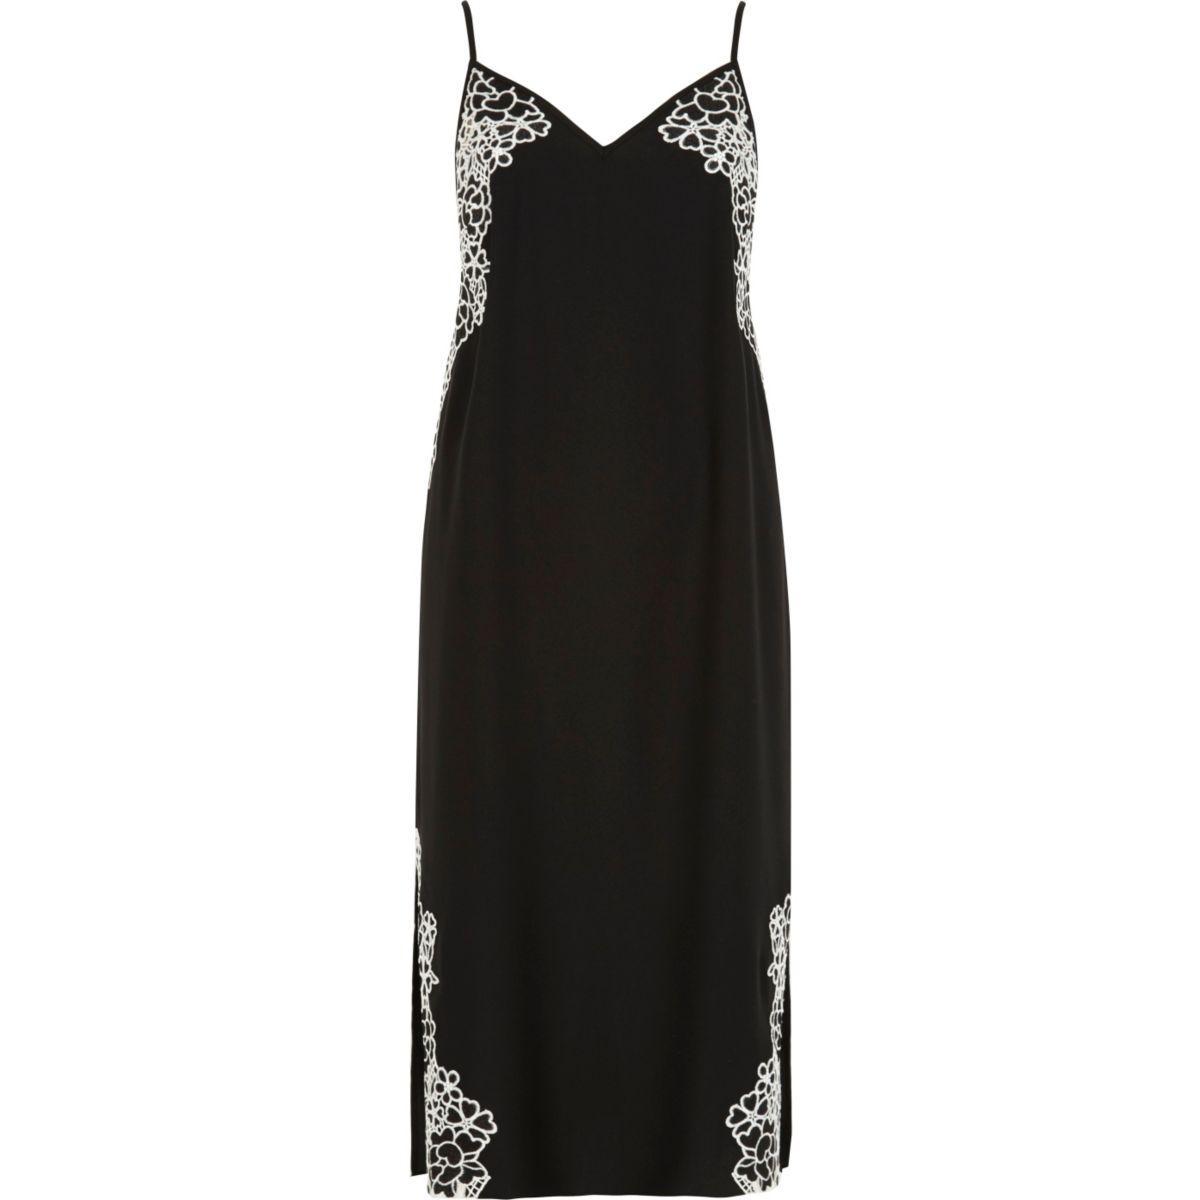 Black floral embroidered slip dress